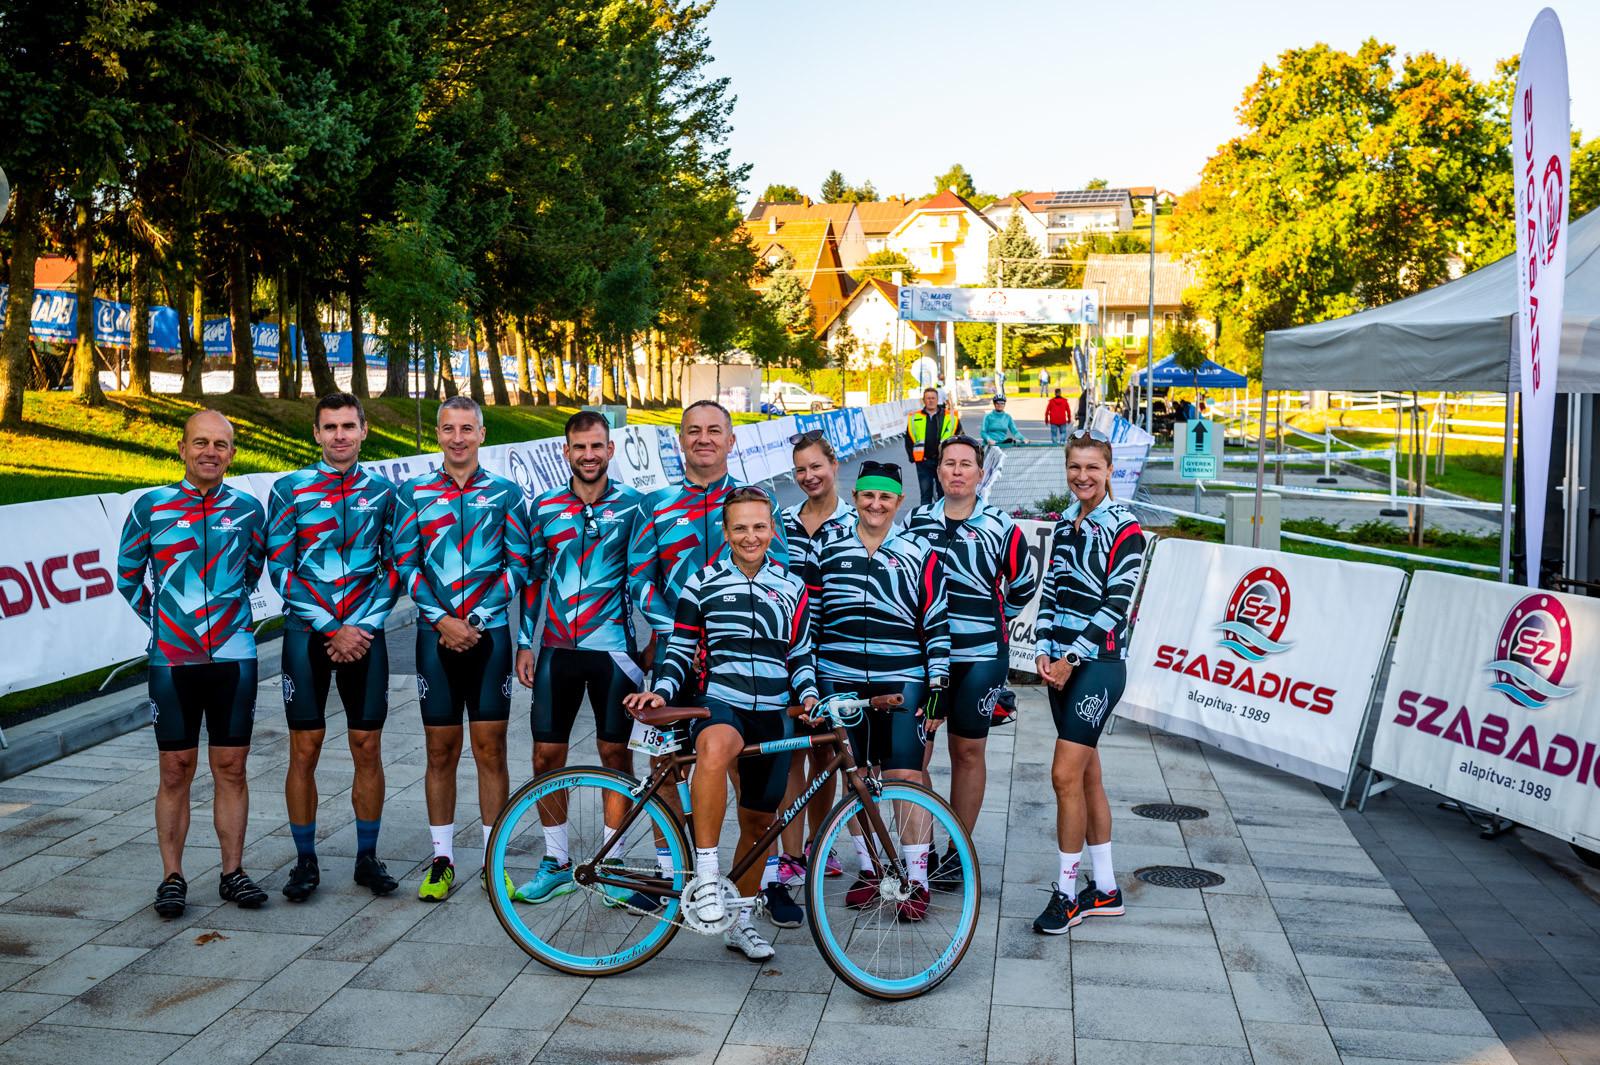 Szabadics Ride Company Challenge: ismét megmérkőztek a cégek az ország egyik legnagyobb sporteseményén